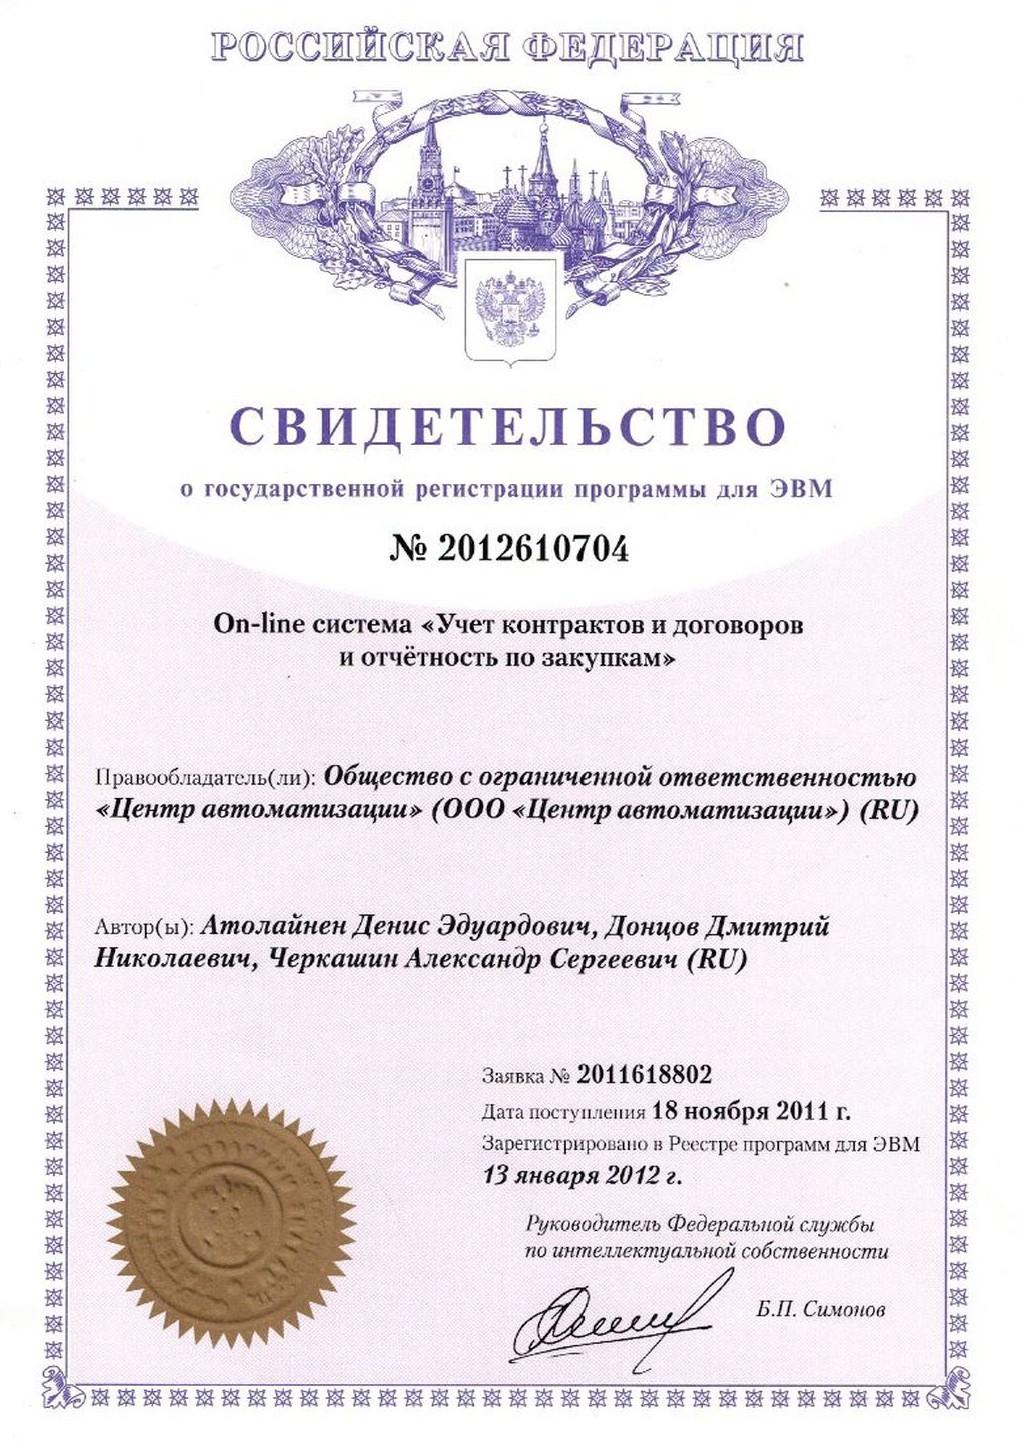 On-line система «Учёт контрактов и договоров и отчётность по закупкам»